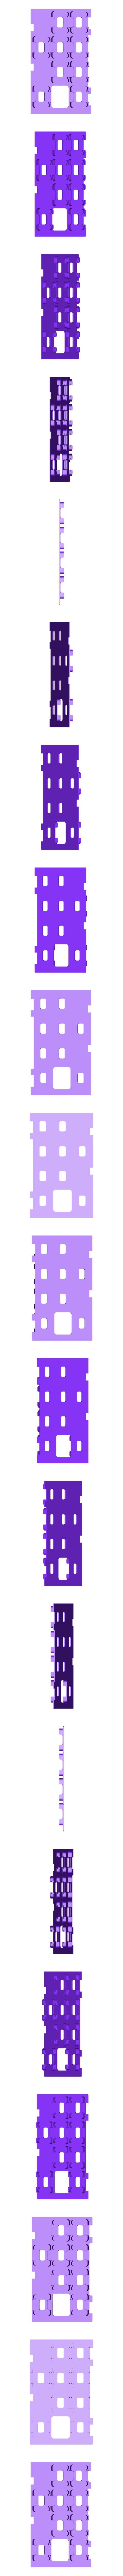 NS_Game_cart_case_v3.stl Download free STL file Nintendo Switch Game Card Caddy (remix) • 3D printable design, lowboydrvr